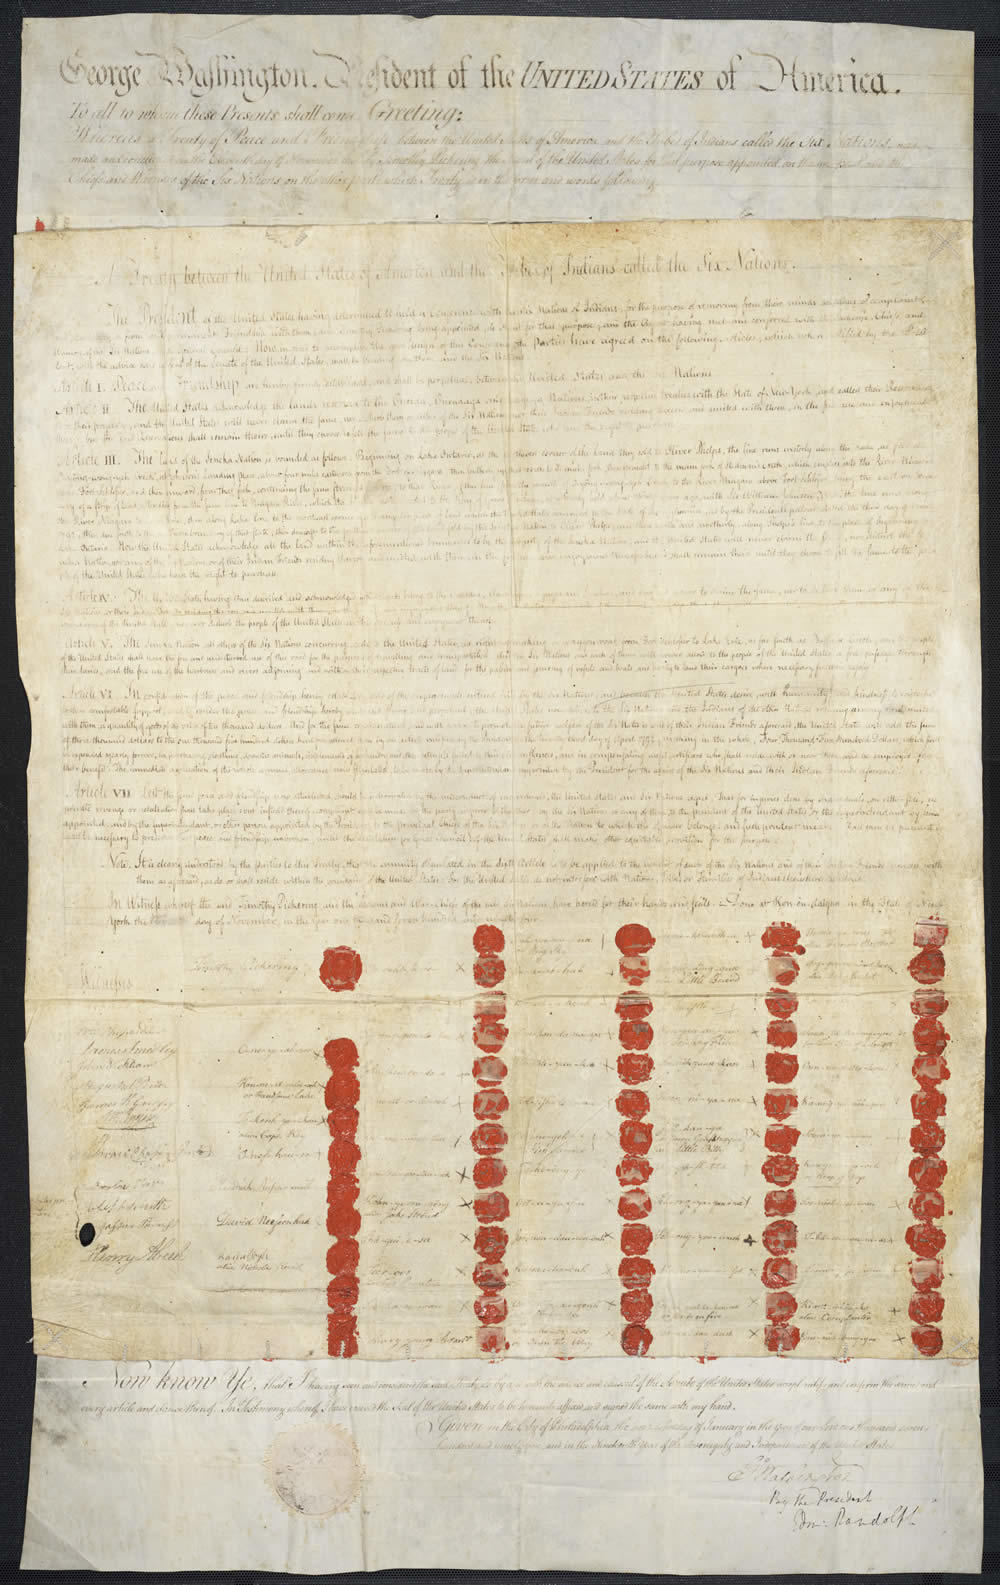 Treaty_of_Canandaigua.jpg